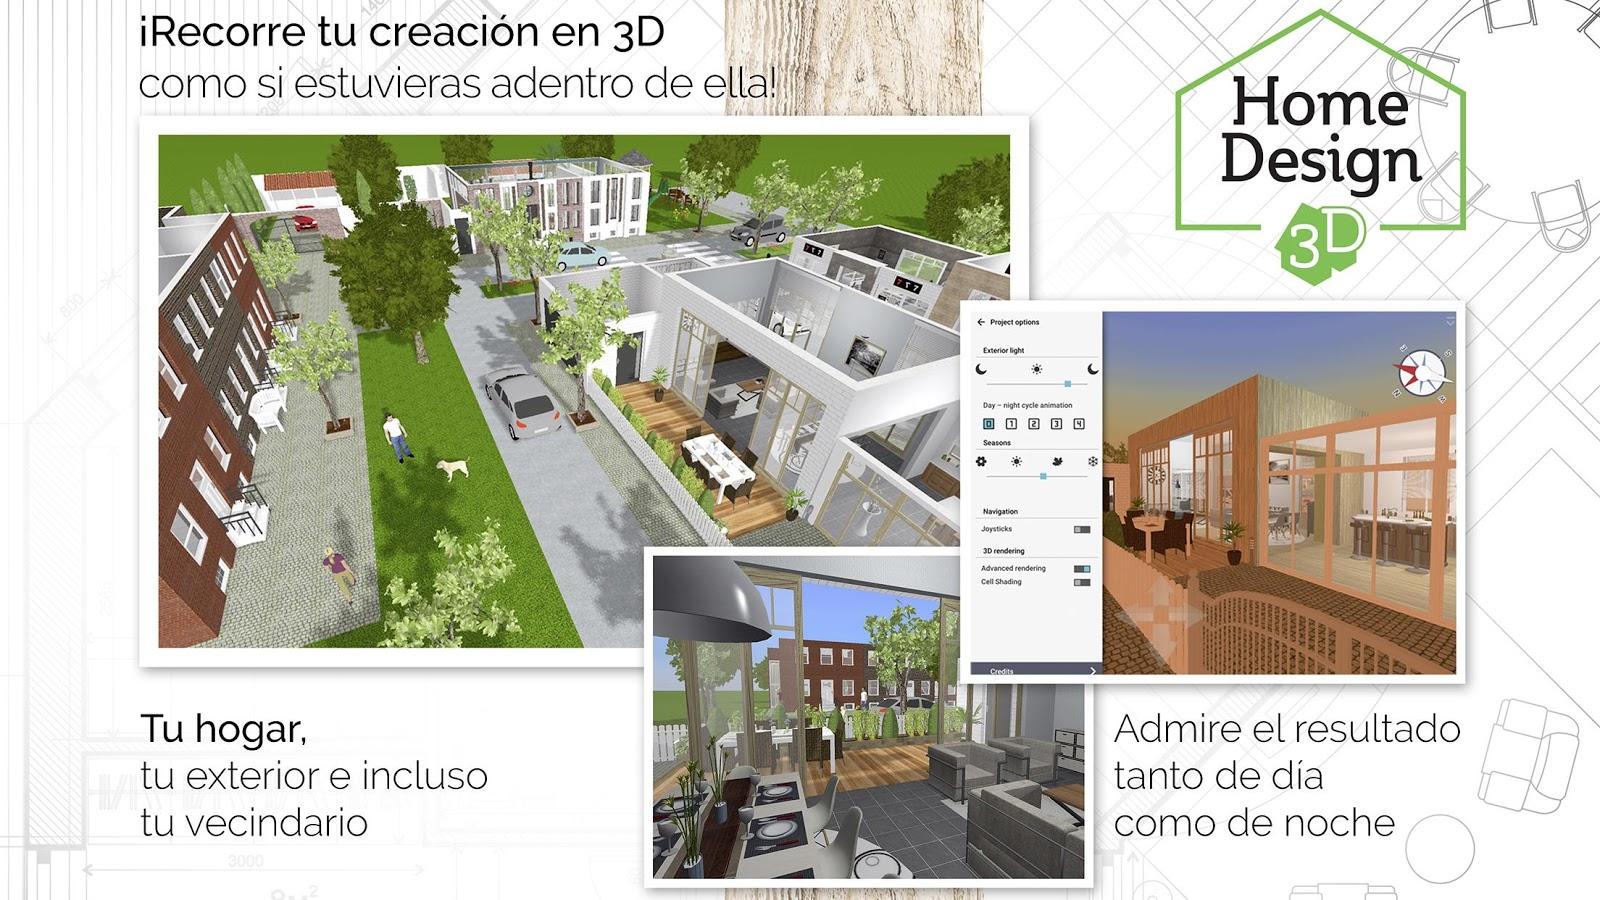 Home Design 3D - FREEMIUM - Aplicaciones Android en Google Play